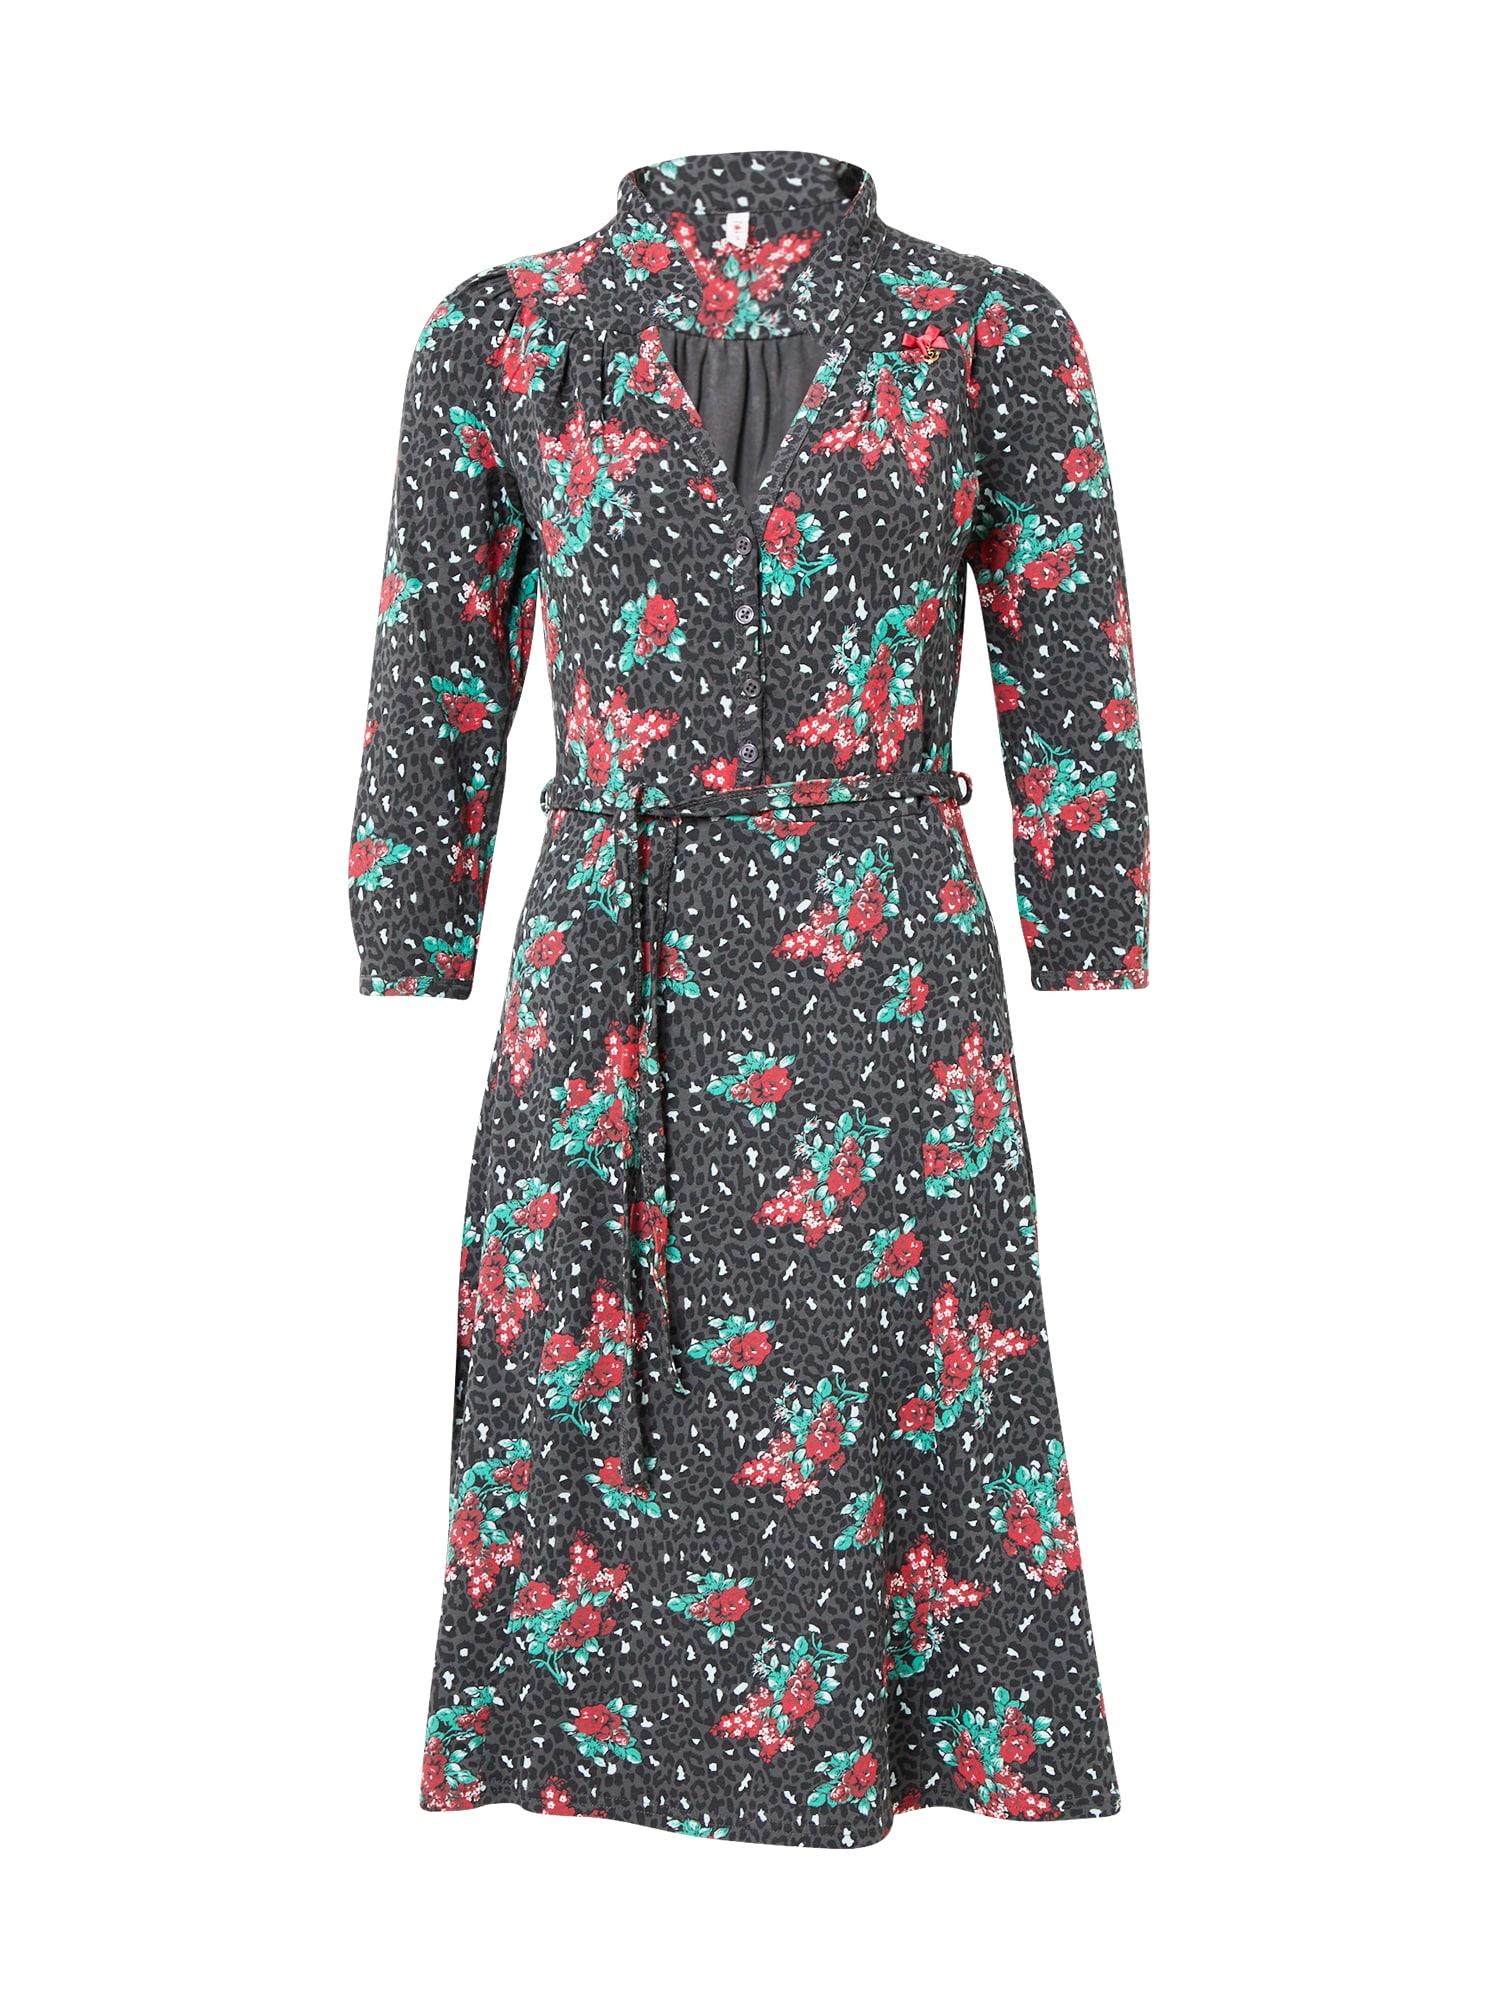 Blutsgeschwister Palaidinės tipo suknelė pilka / mišrios spalvos